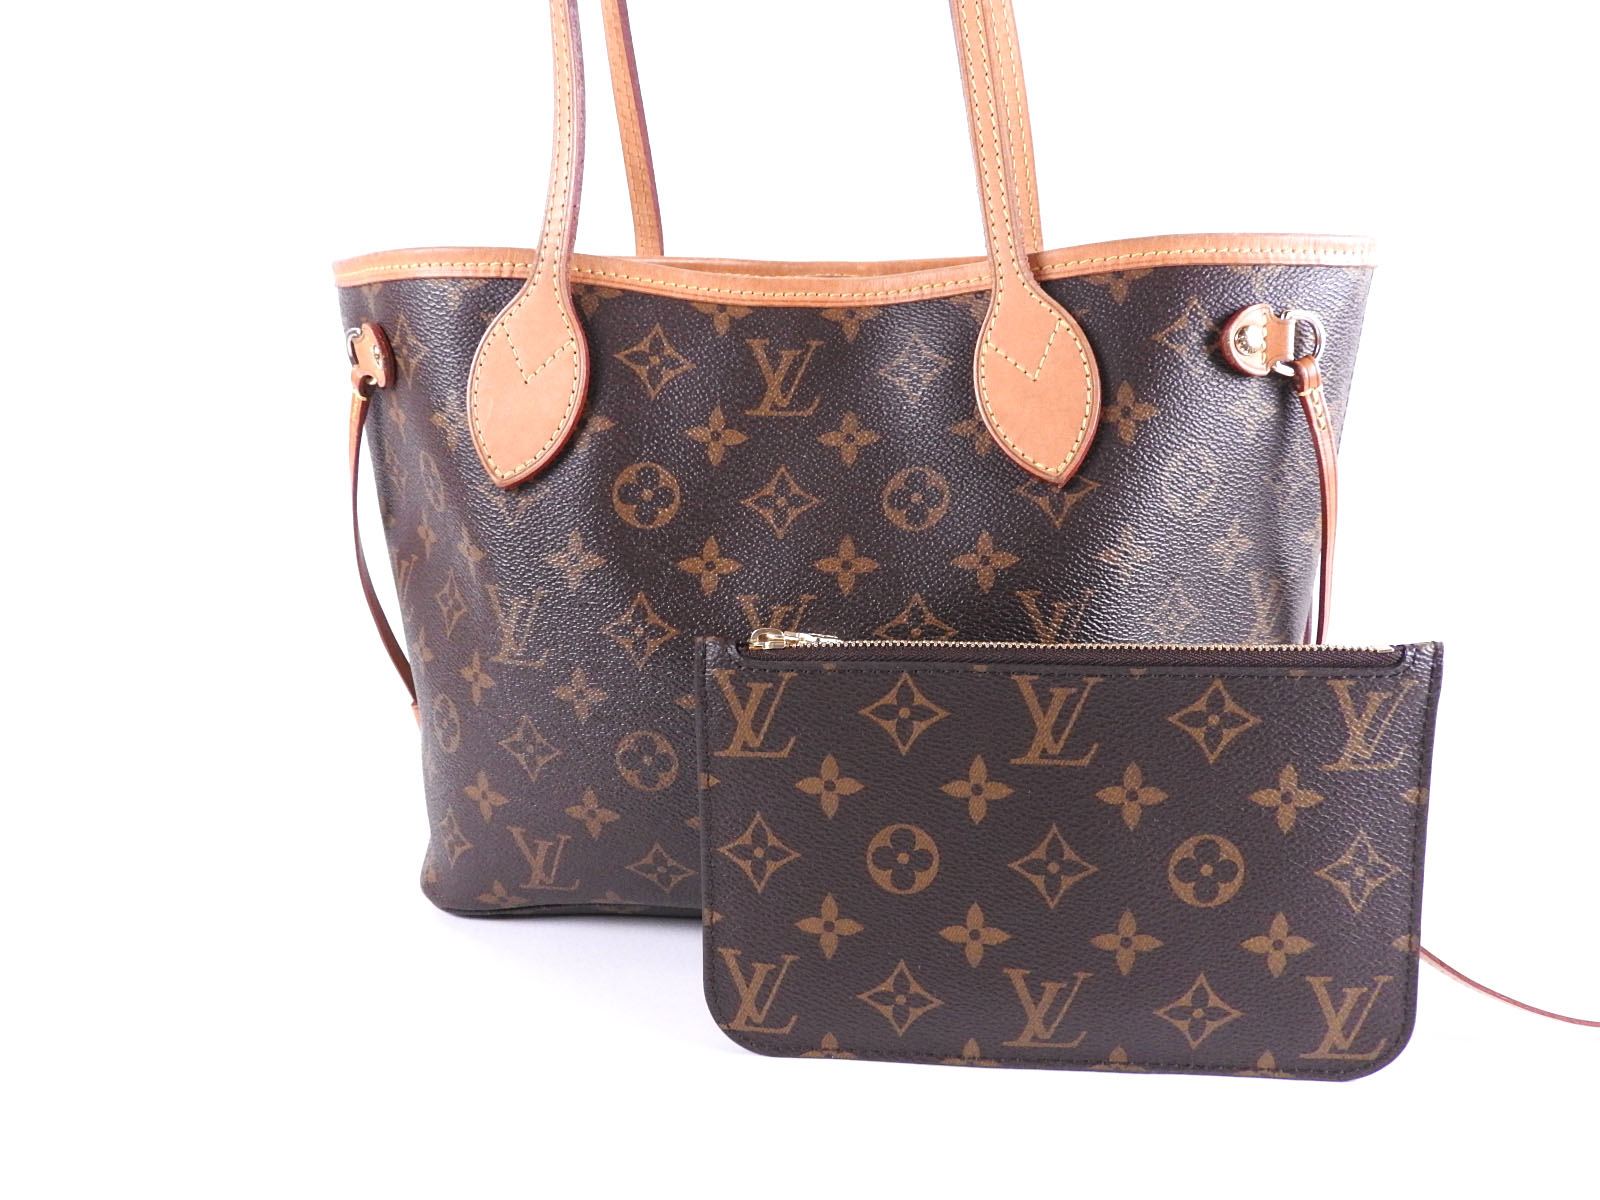 6472ba86f6a LOUIS VUITTON Neverfull PM Monogram Shoulder Tote Bag Pouch Pivoine M41245  A9468